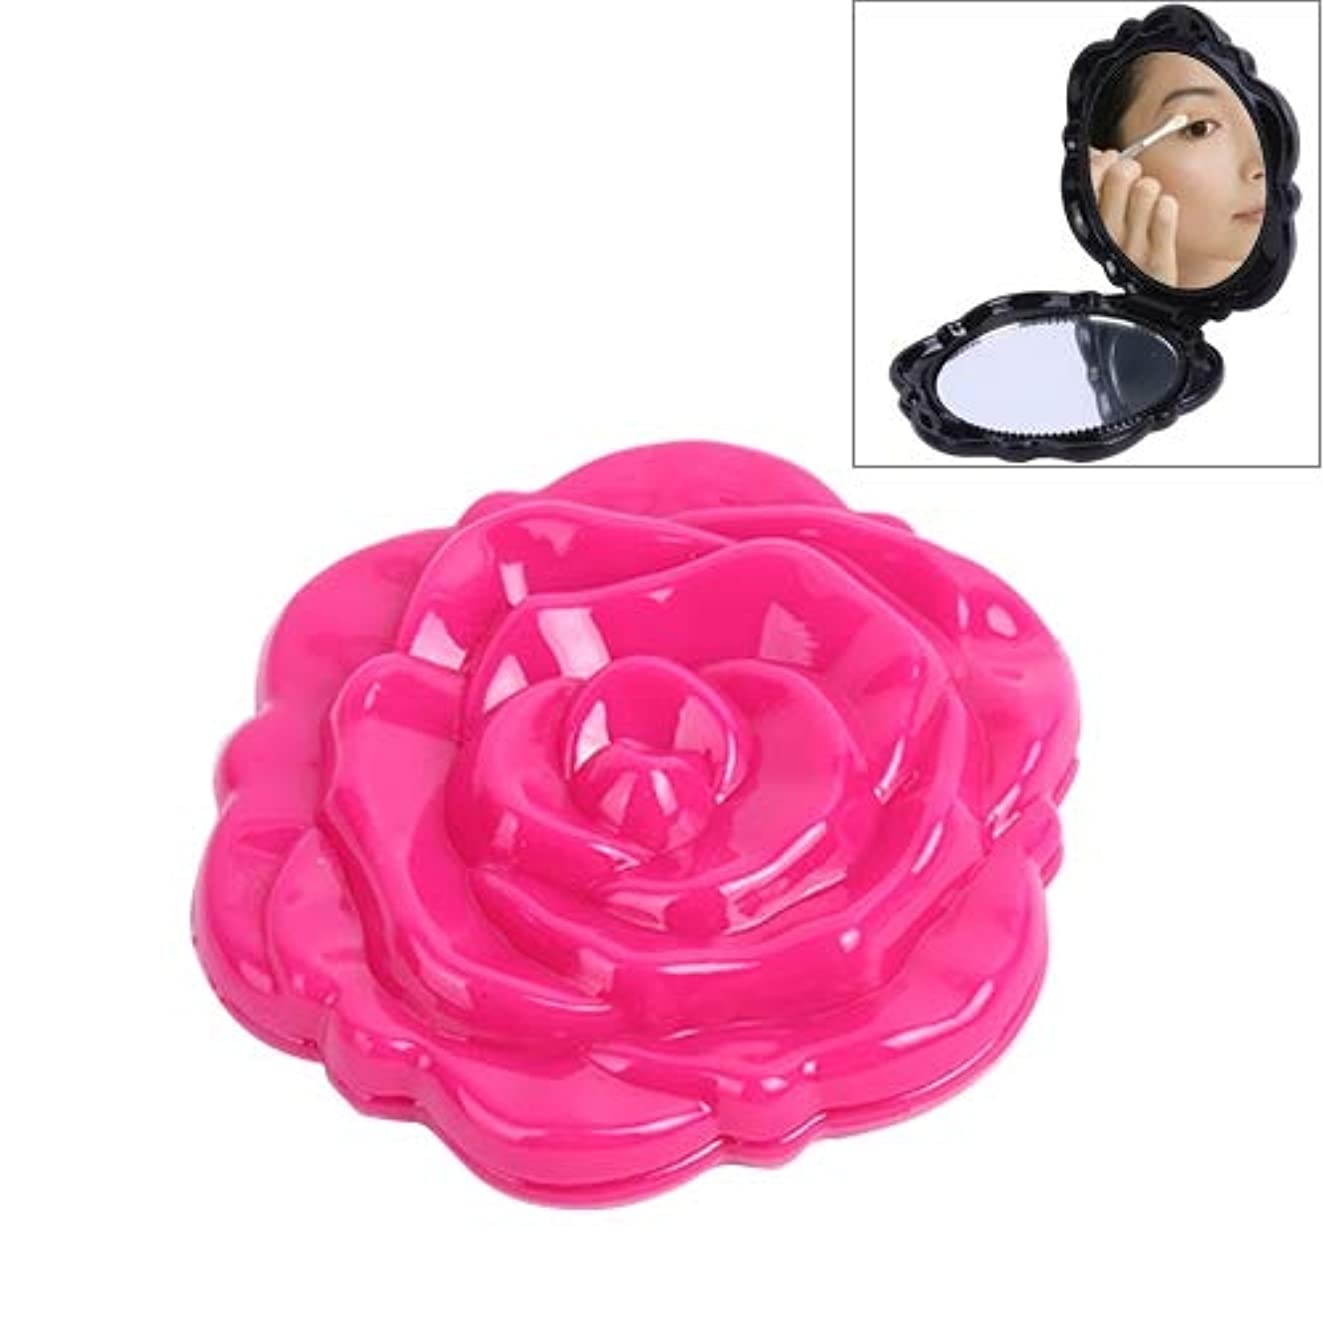 辛な錆び強いMEI1JIA 高品質ローズ折りたたみプラスチック円形化粧鏡両面ステレオステレオ化粧鏡(ブラック) (色 : Magenta)